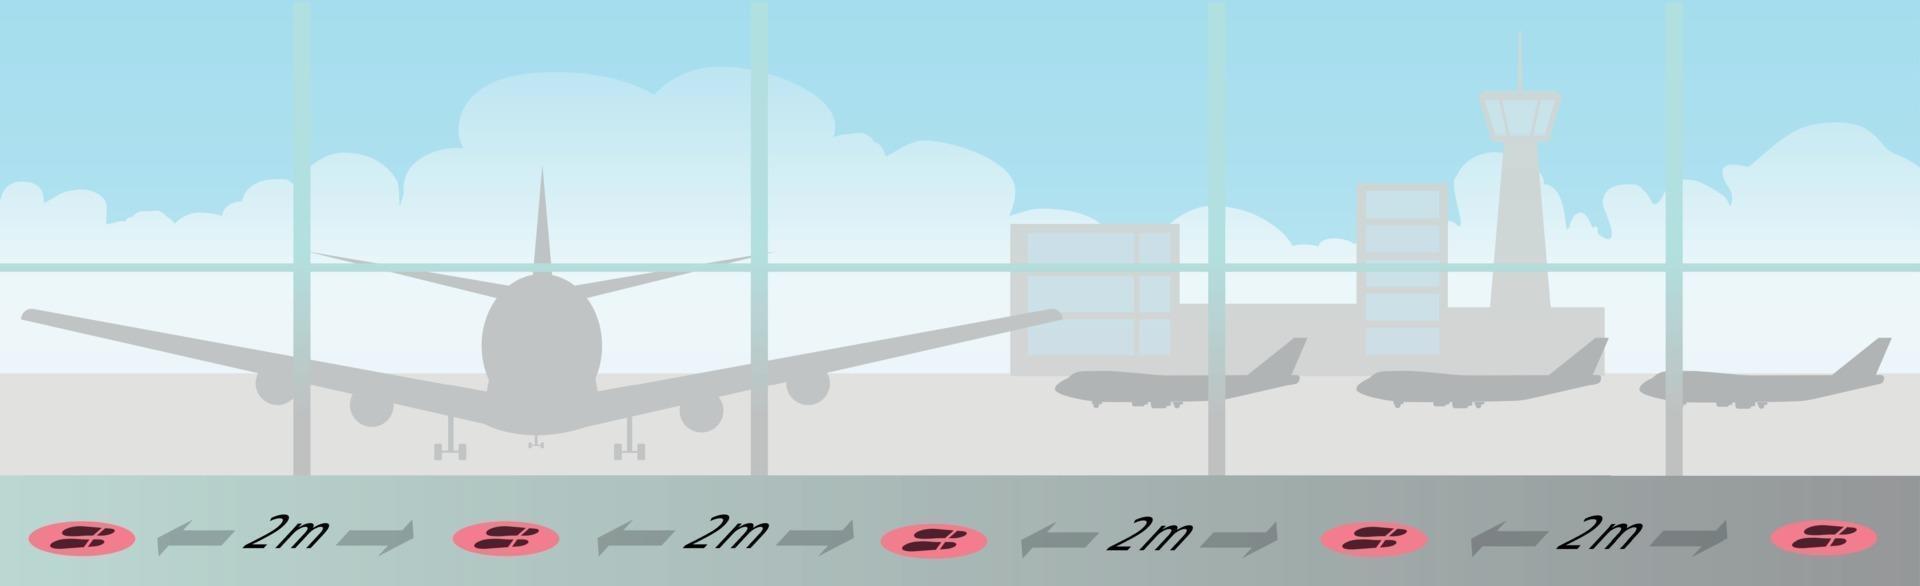 sociala avstånd och körfältmarkeringar i en stor flygplats vektor